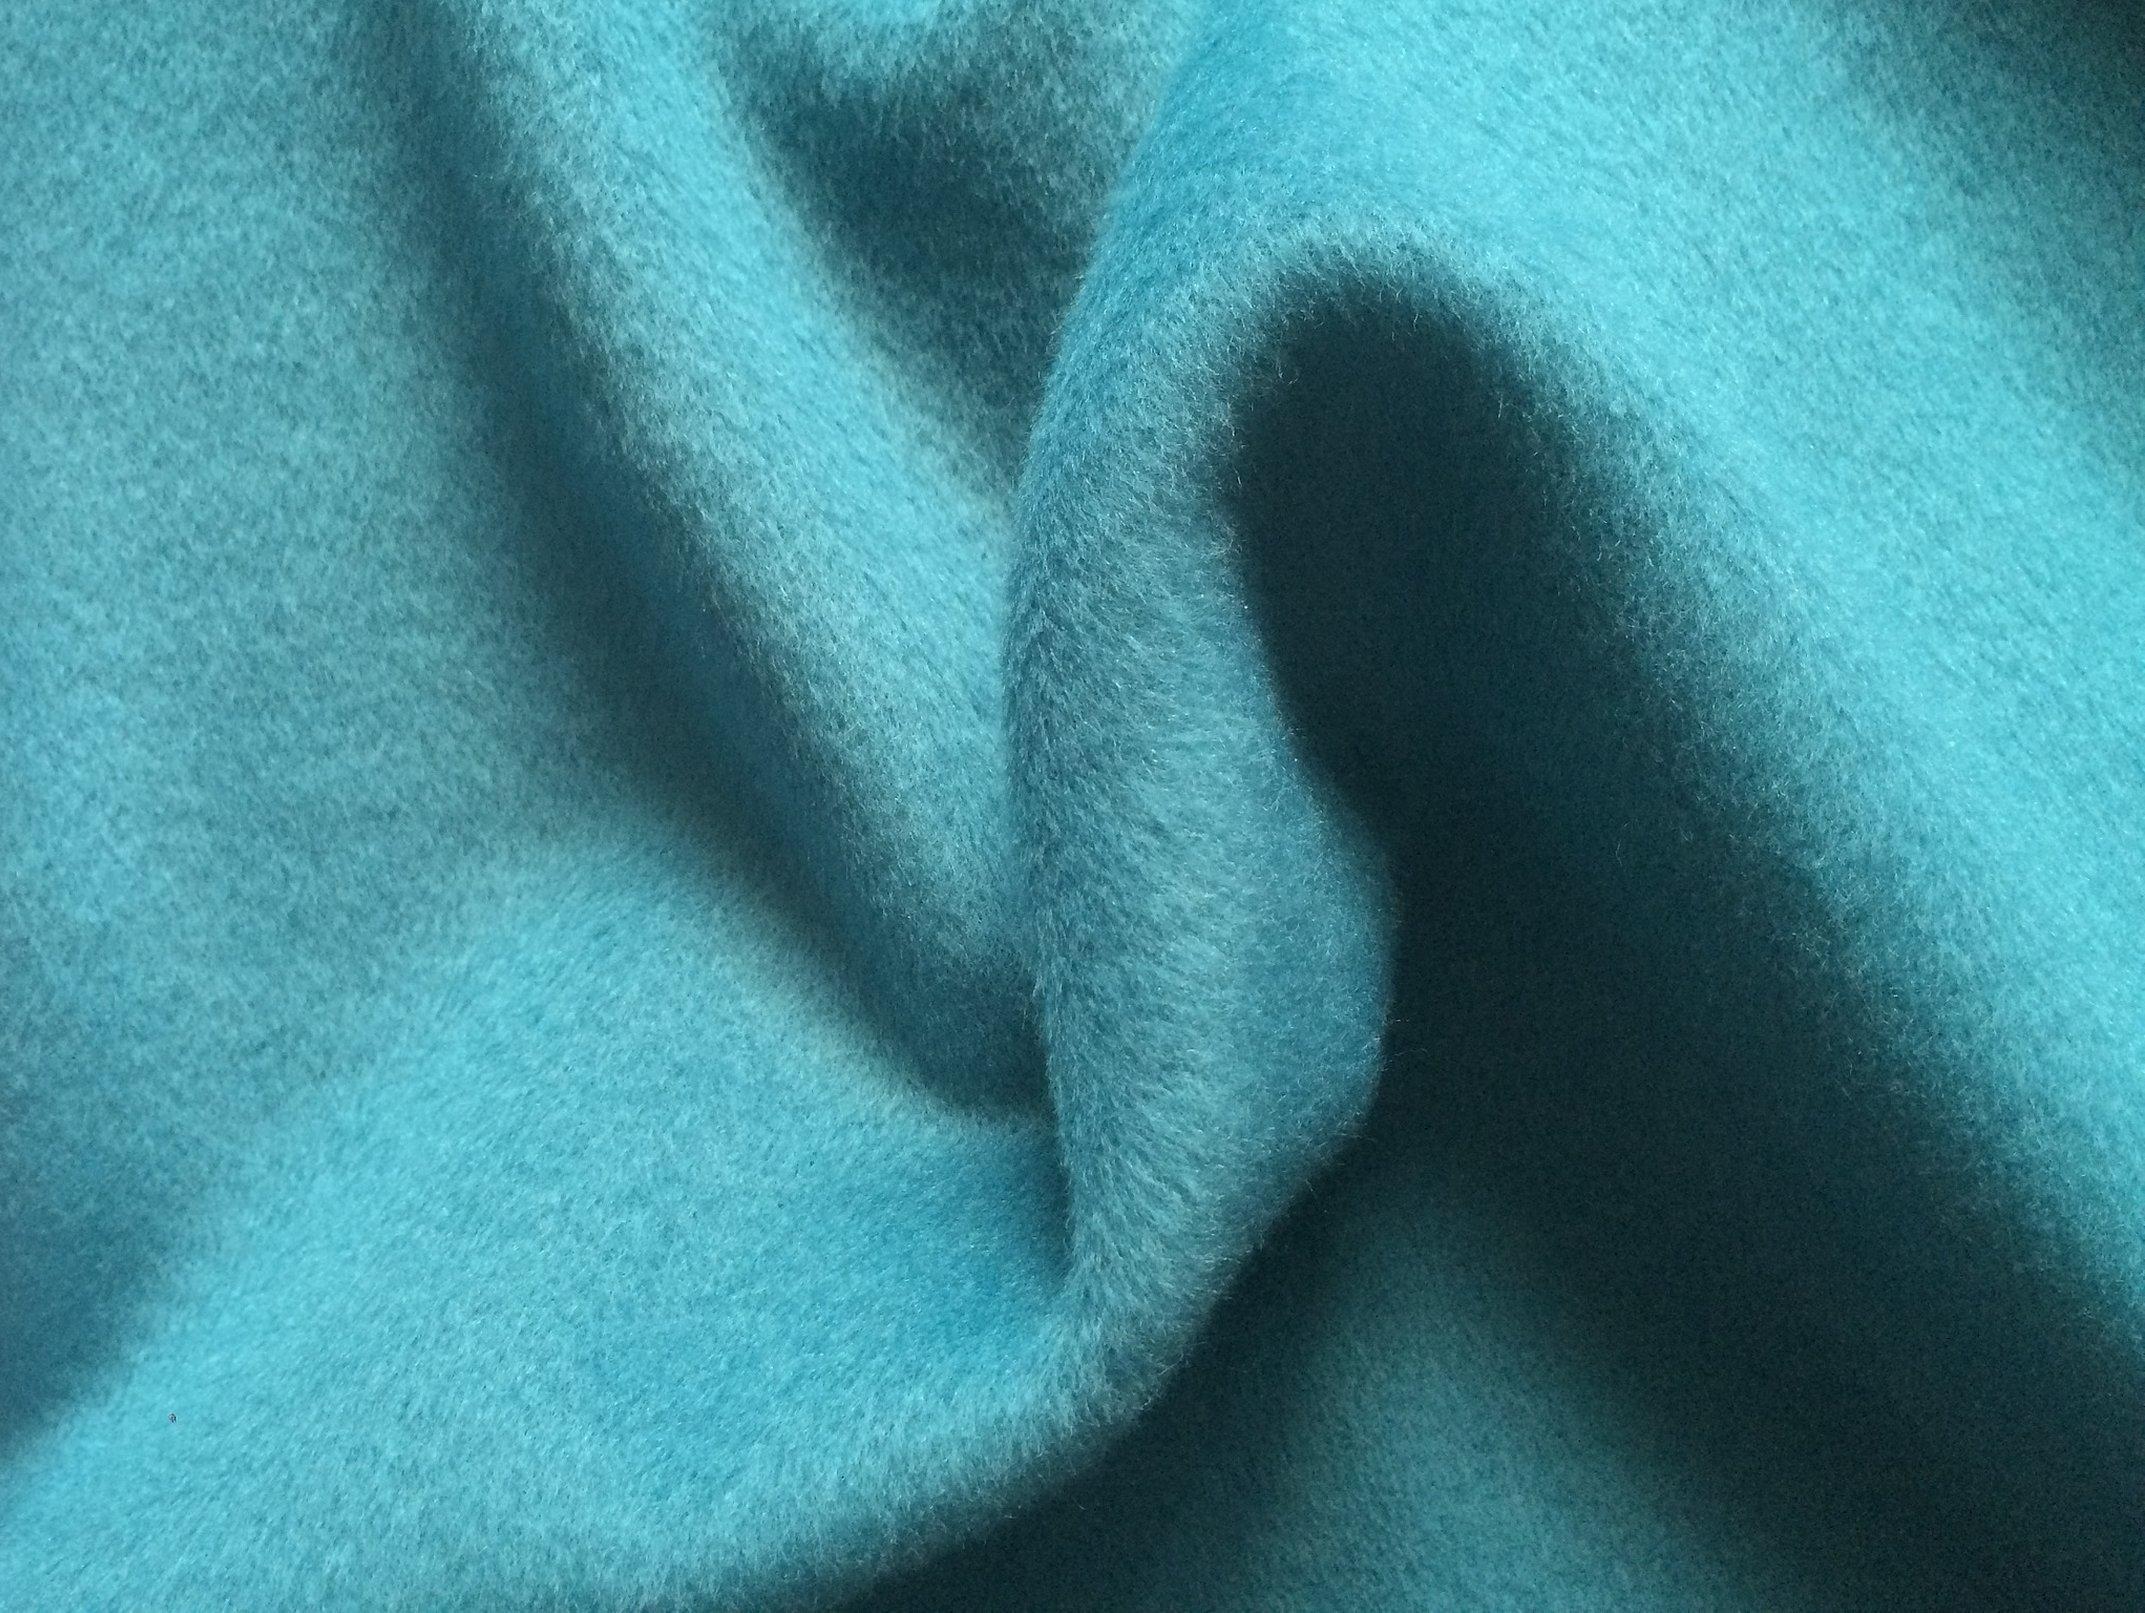 Ткань пальтовая темно бирюзового цвета